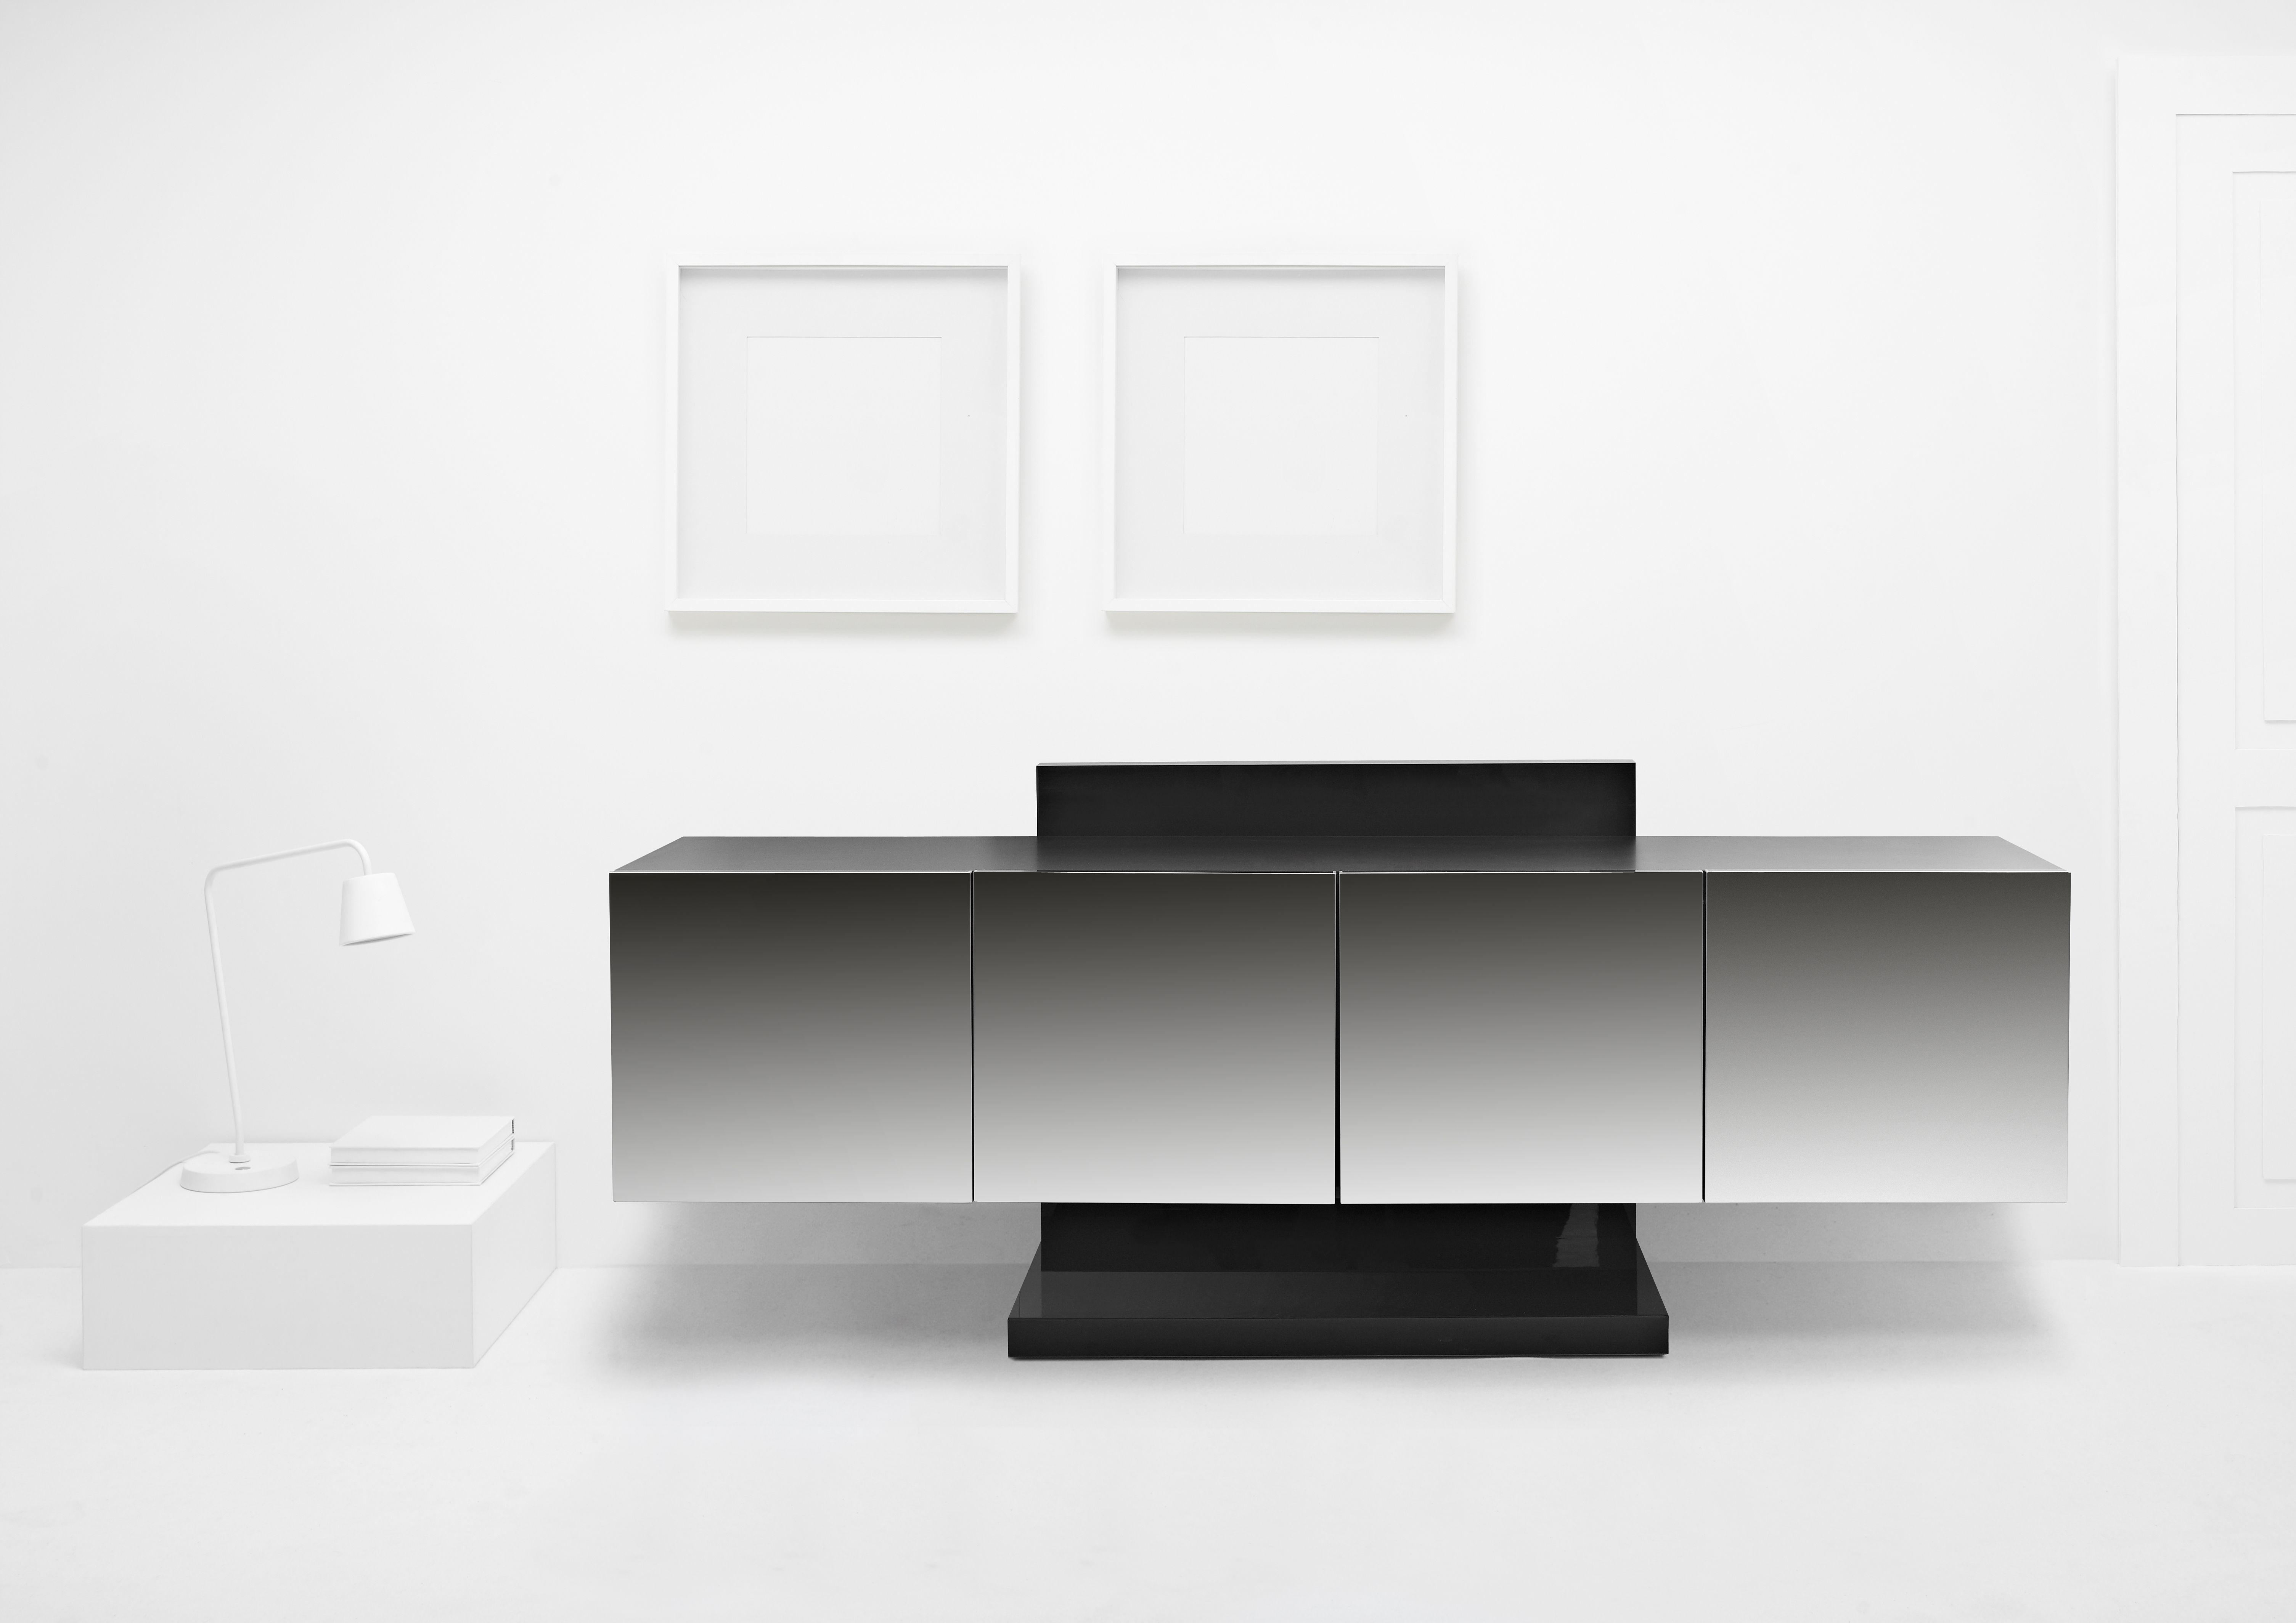 Soho, design Gianluigi Gorgoni. Lacquered MDF #wood #cabinet with  #inoxsteel doors. #minimal #contemporary #design. Ronda Design.